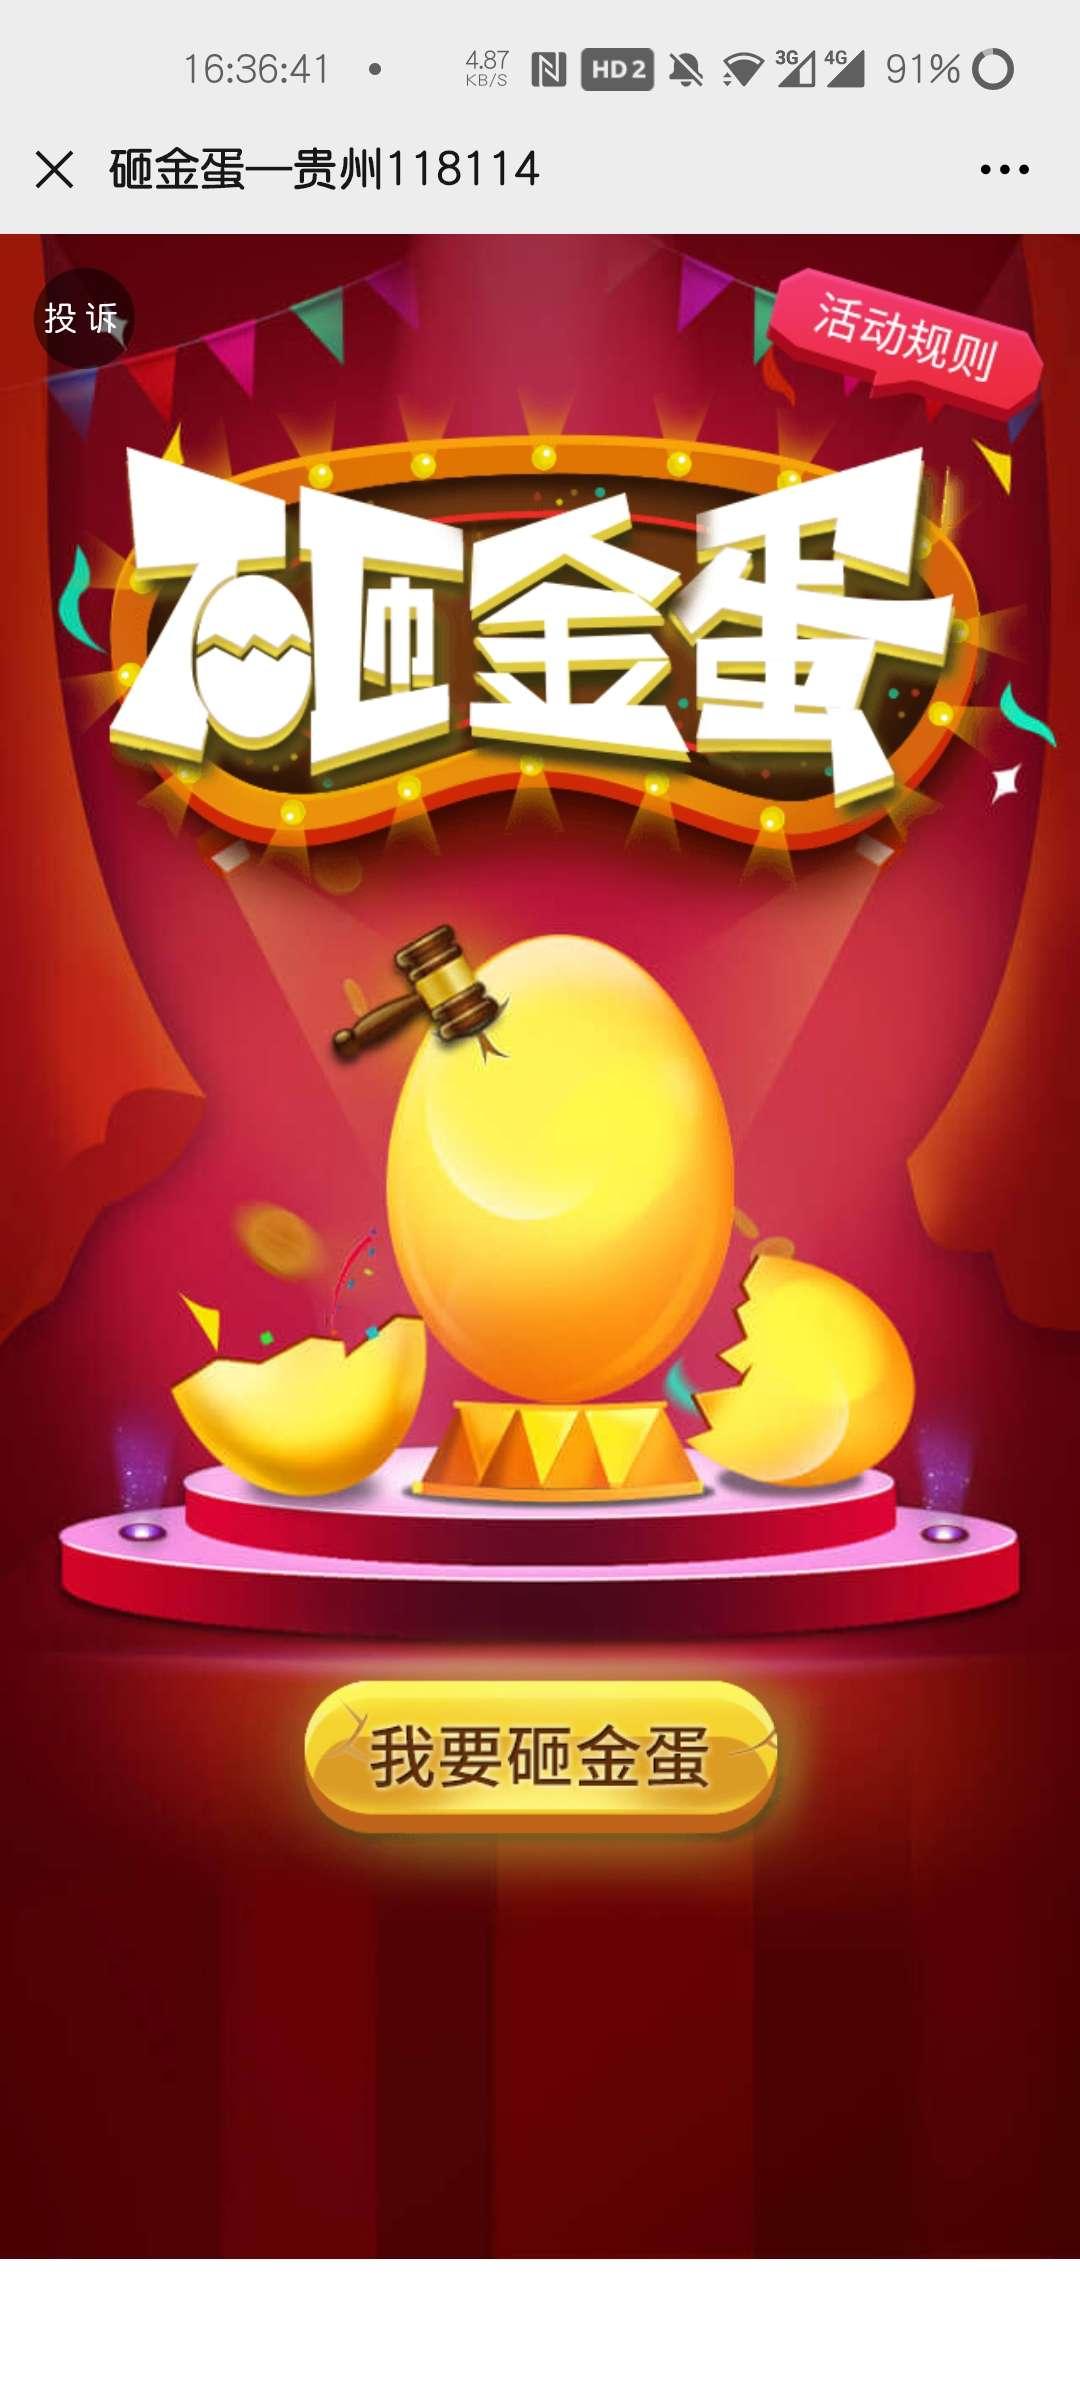 贵州118114砸金蛋抽红包